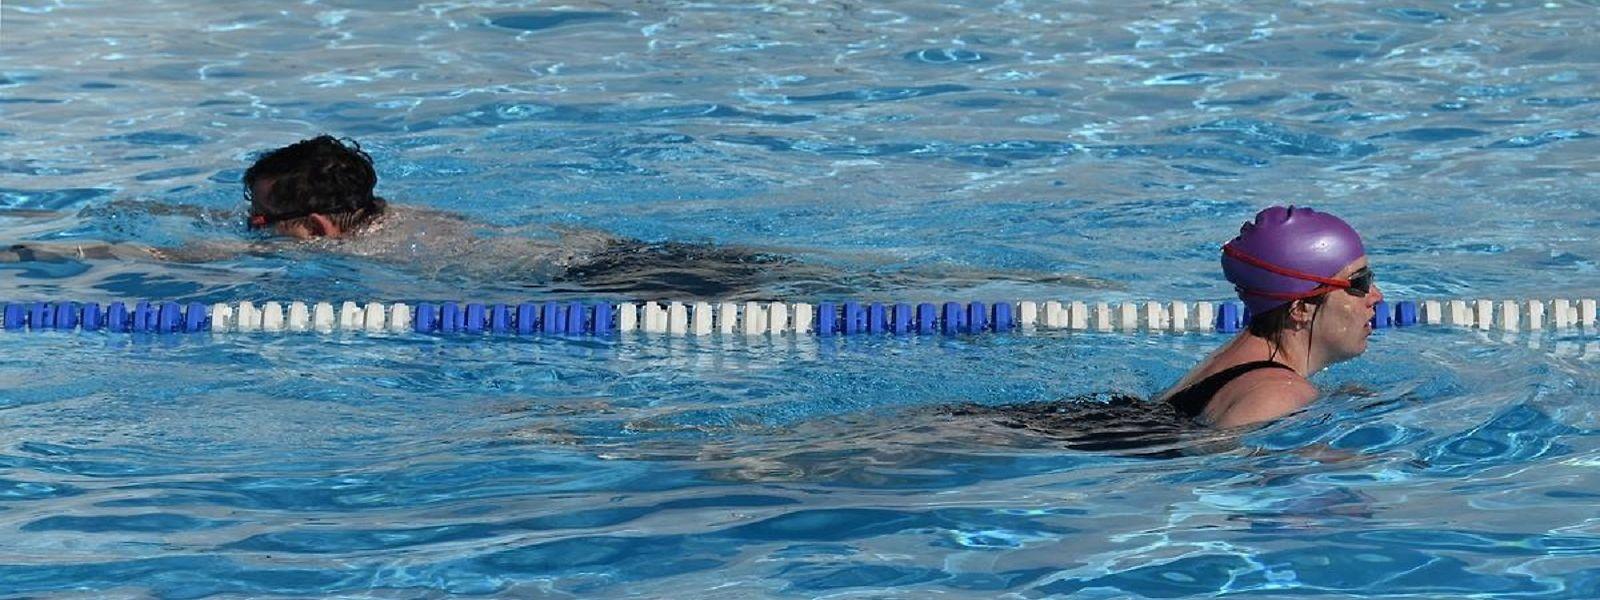 Les piscines extérieures peuvent rouvrir, avec une jauge limitée à 50% de leurs capacités